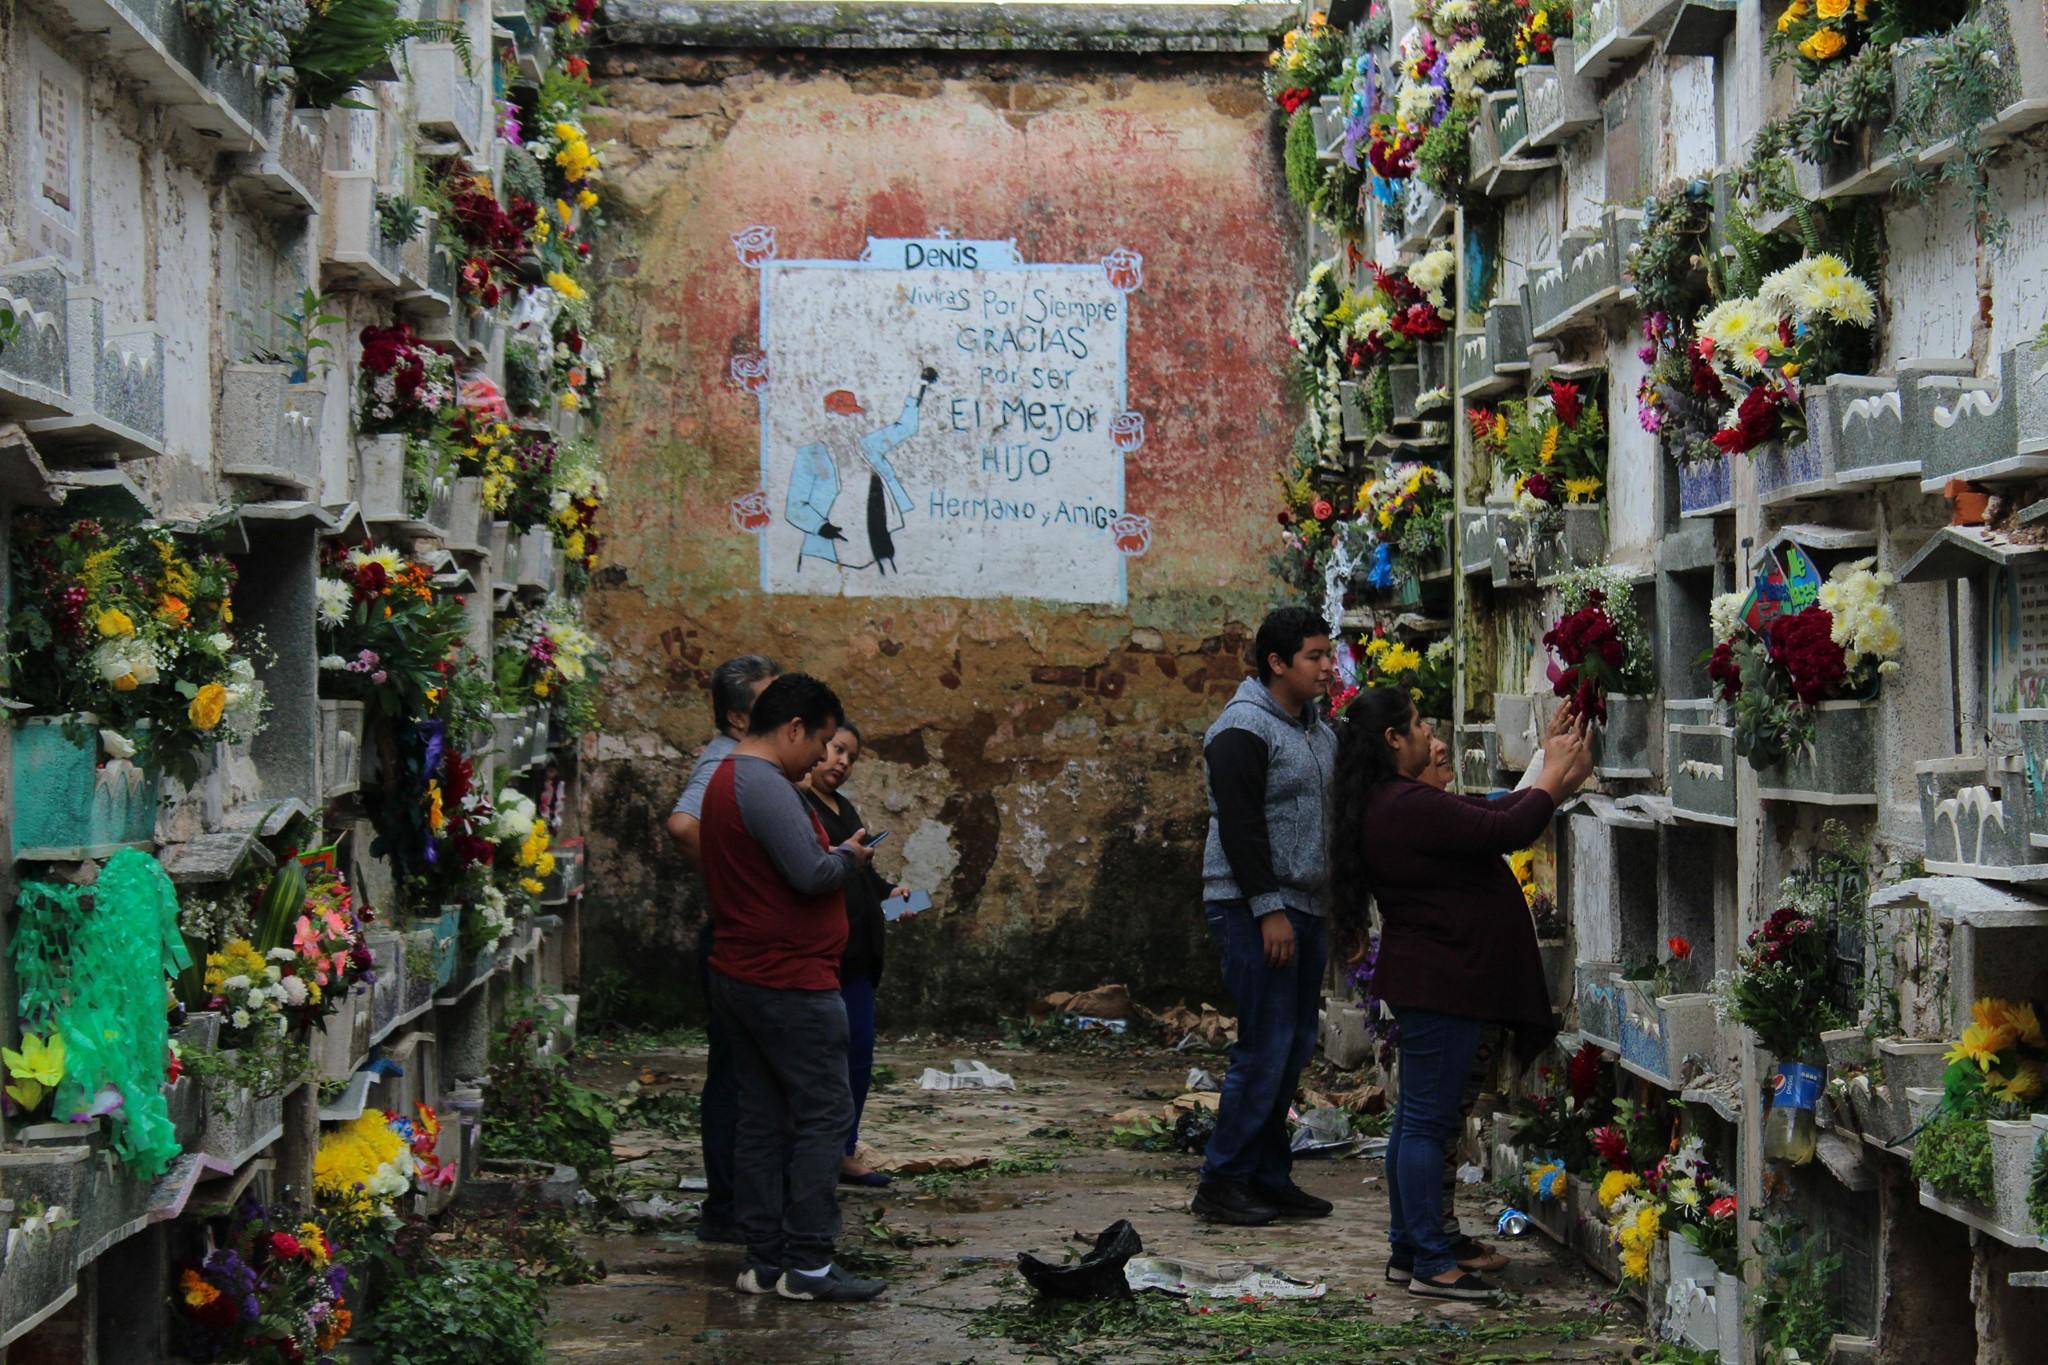 Funerales y sepelios en pandemia, la triste y solitaria realidad imagen